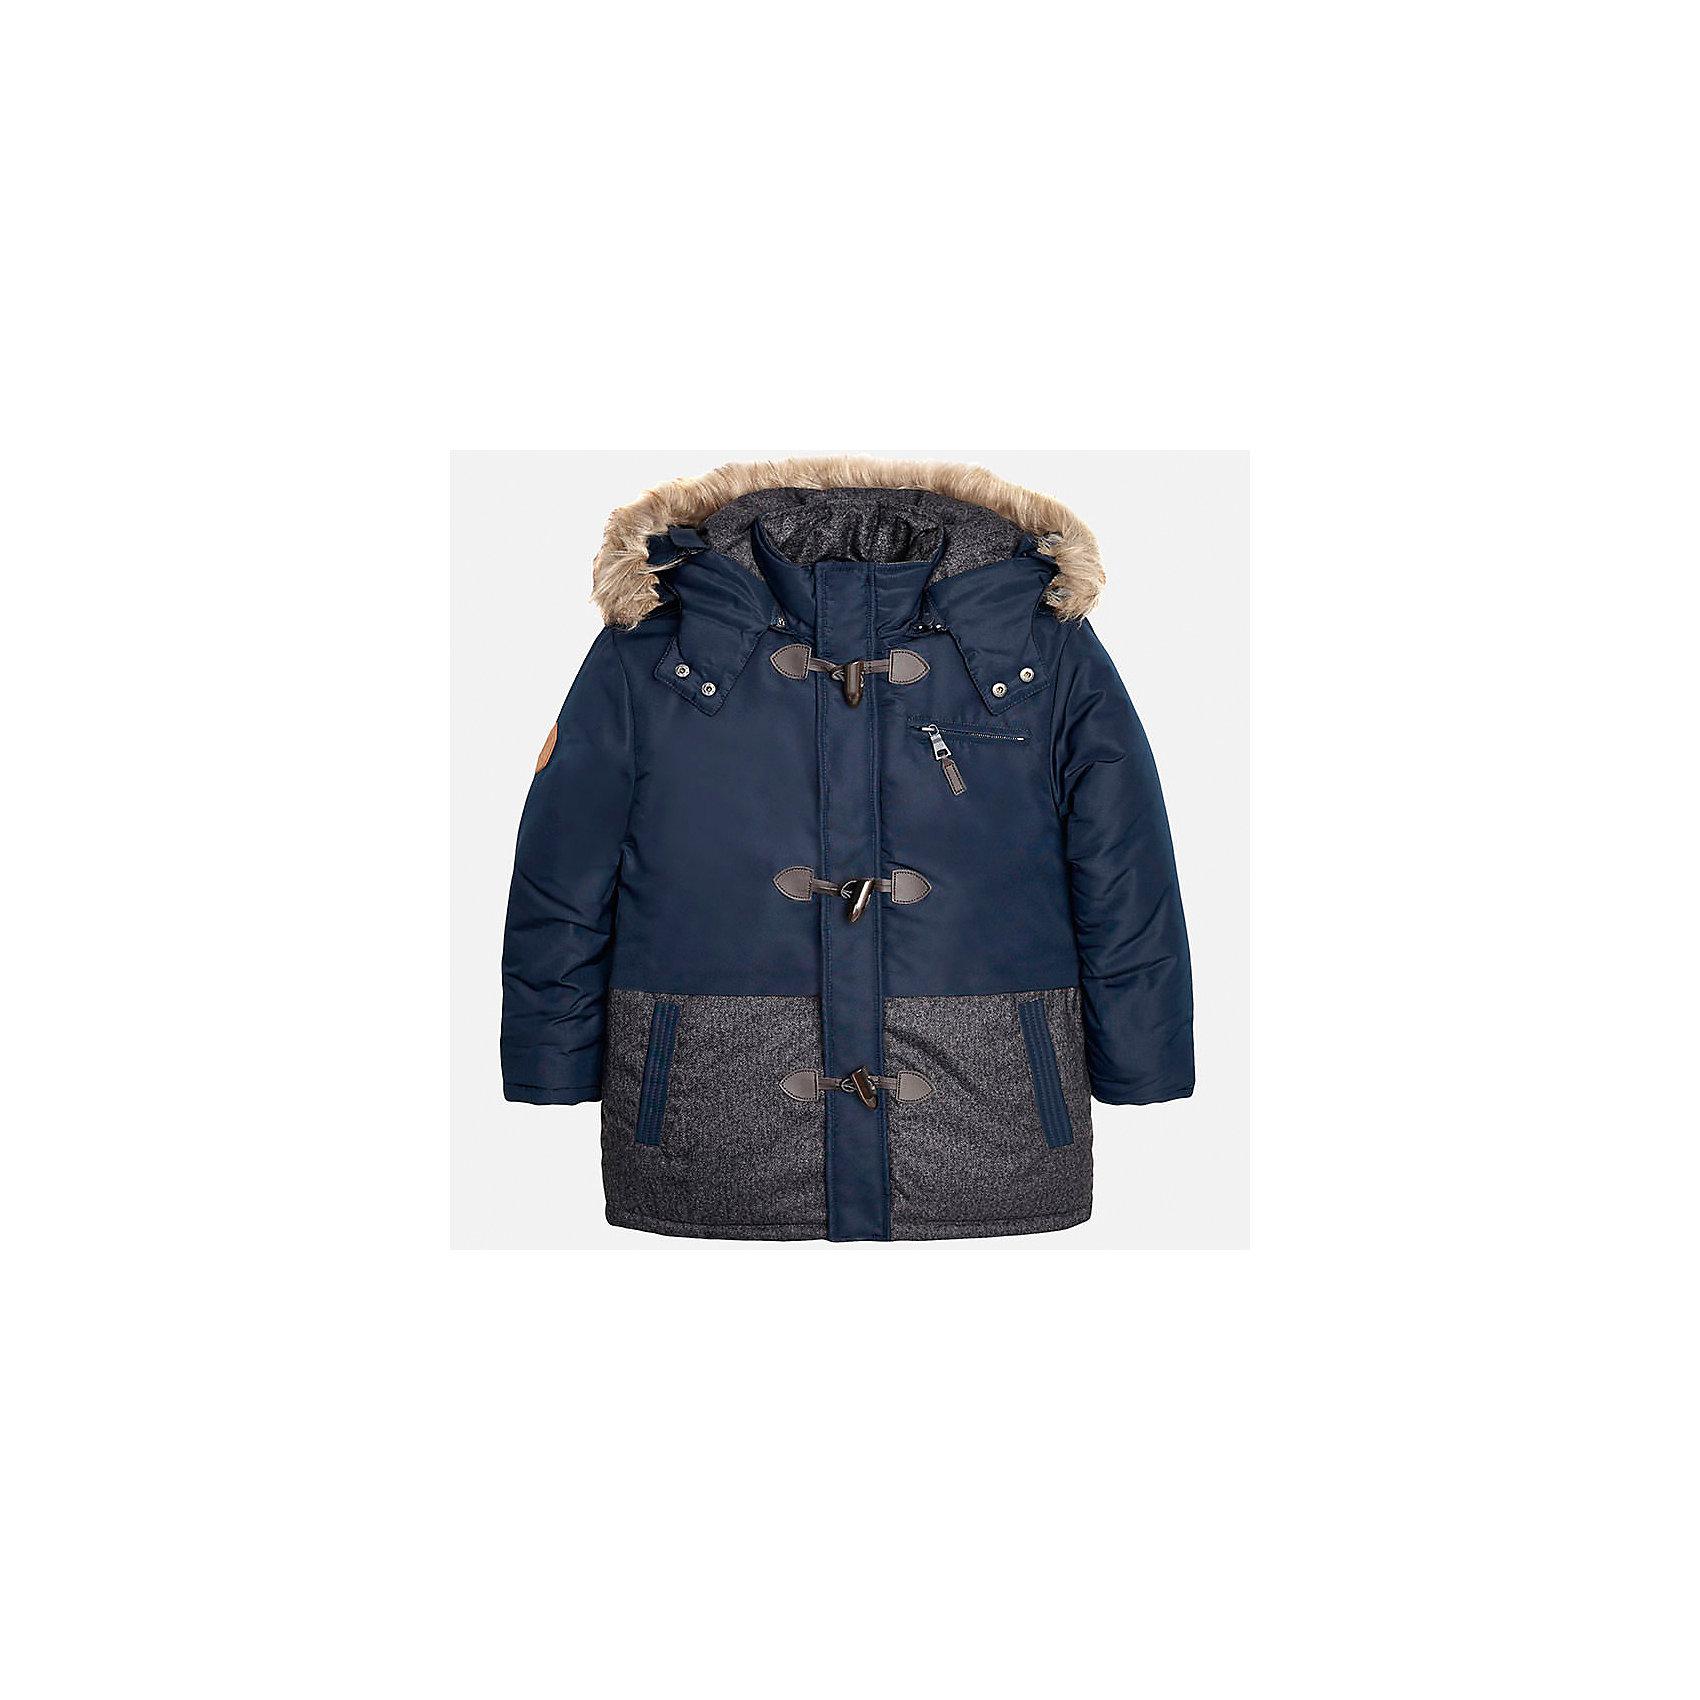 Куртка для мальчика MayoralВерхняя одежда<br>Куртка для мальчика от популярного испанского бренда Mayoral(Майорал). Теплая куртка с капюшоном, спереди есть крупные пуговицы и 3 кармана. Капюшон с искусственным мехом. В этой куртке прогулки будут комфортными!<br><br>Дополнительная информация:<br>Состав: 100% полиэстер<br>Цвет: синий<br>Вы можете приобрести куртку Mayoral(Майорал) в нашем интернет-магазине.<br><br>Ширина мм: 356<br>Глубина мм: 10<br>Высота мм: 245<br>Вес г: 519<br>Цвет: синий<br>Возраст от месяцев: 96<br>Возраст до месяцев: 108<br>Пол: Мужской<br>Возраст: Детский<br>Размер: 128/134,152/158,146/152,164/170,158/164,140/146<br>SKU: 4827092